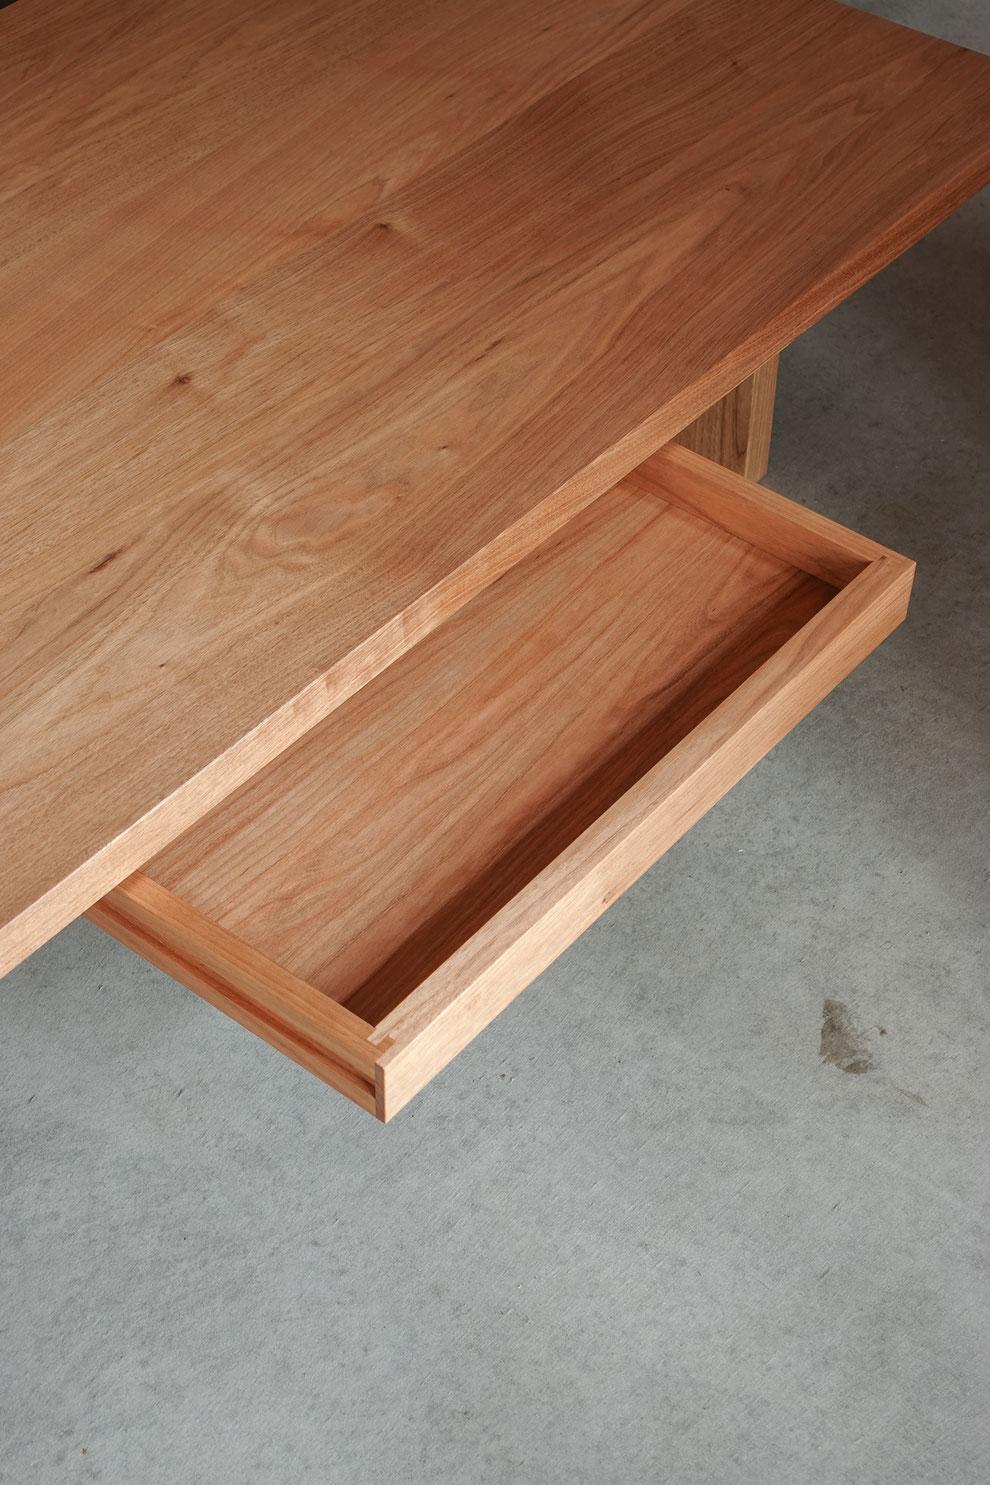 仙台 秋保 無垢材 オーダー家具 テーブル 引き出し クルミ 胡桃 手仕事 木組み